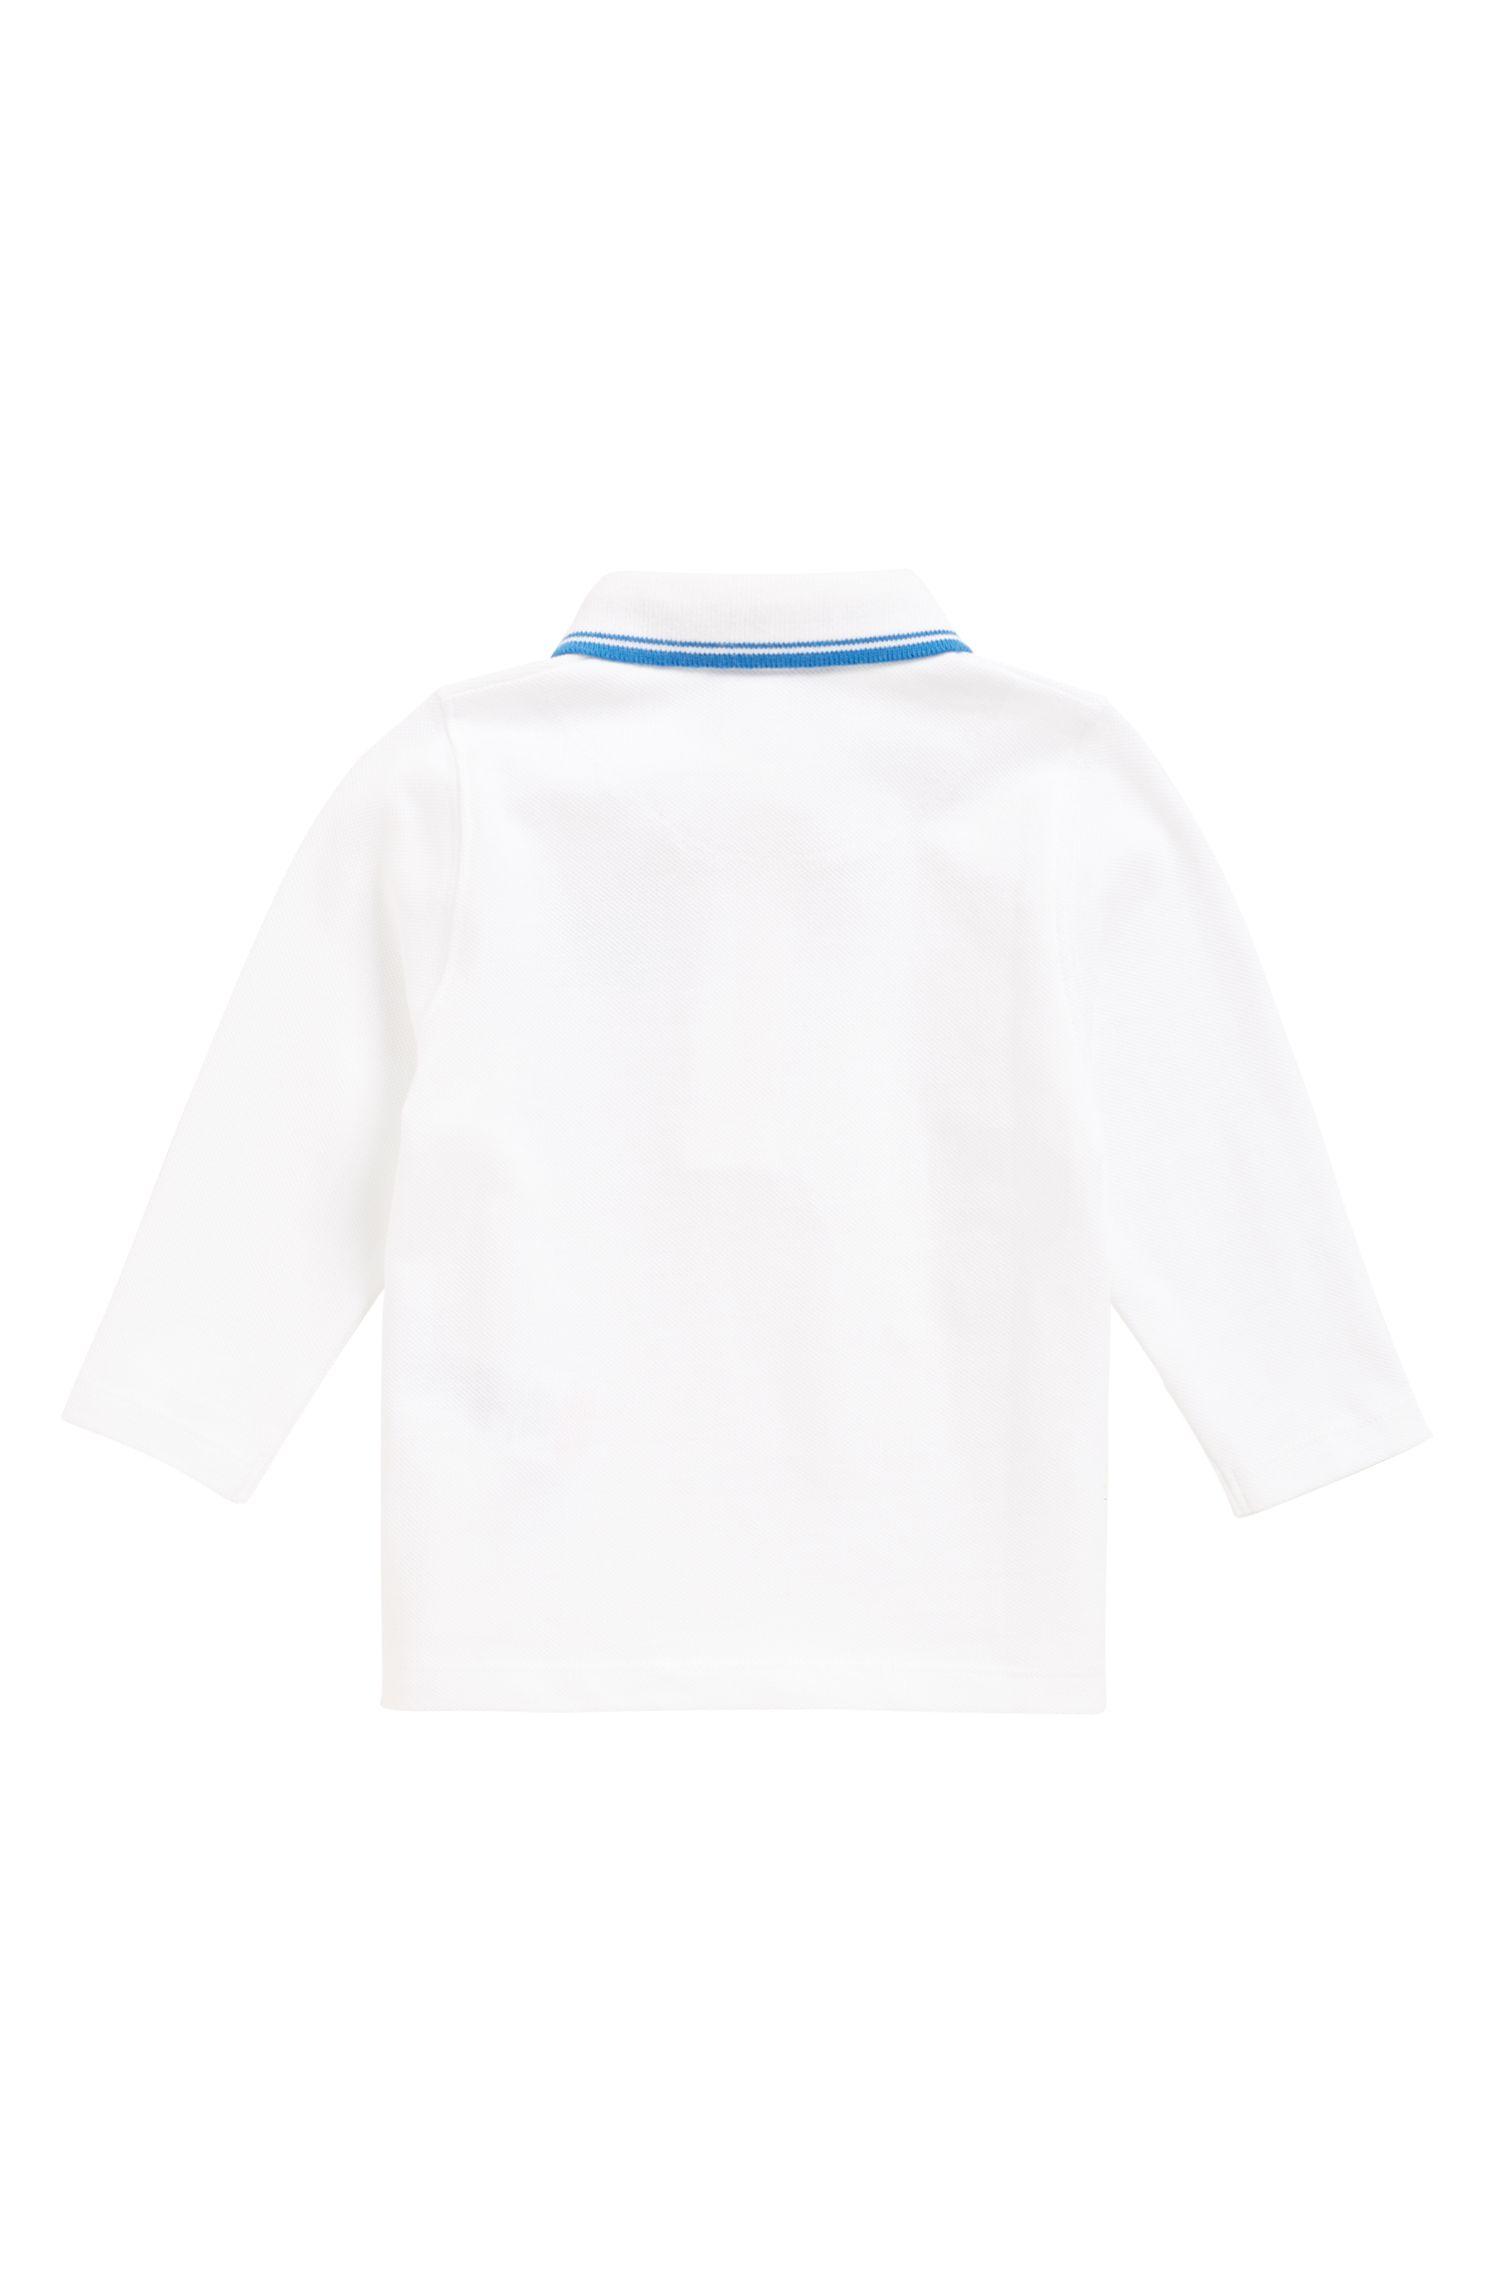 Polo de manga larga de algodón para niños con estampado en el interior del cuello, Blanco